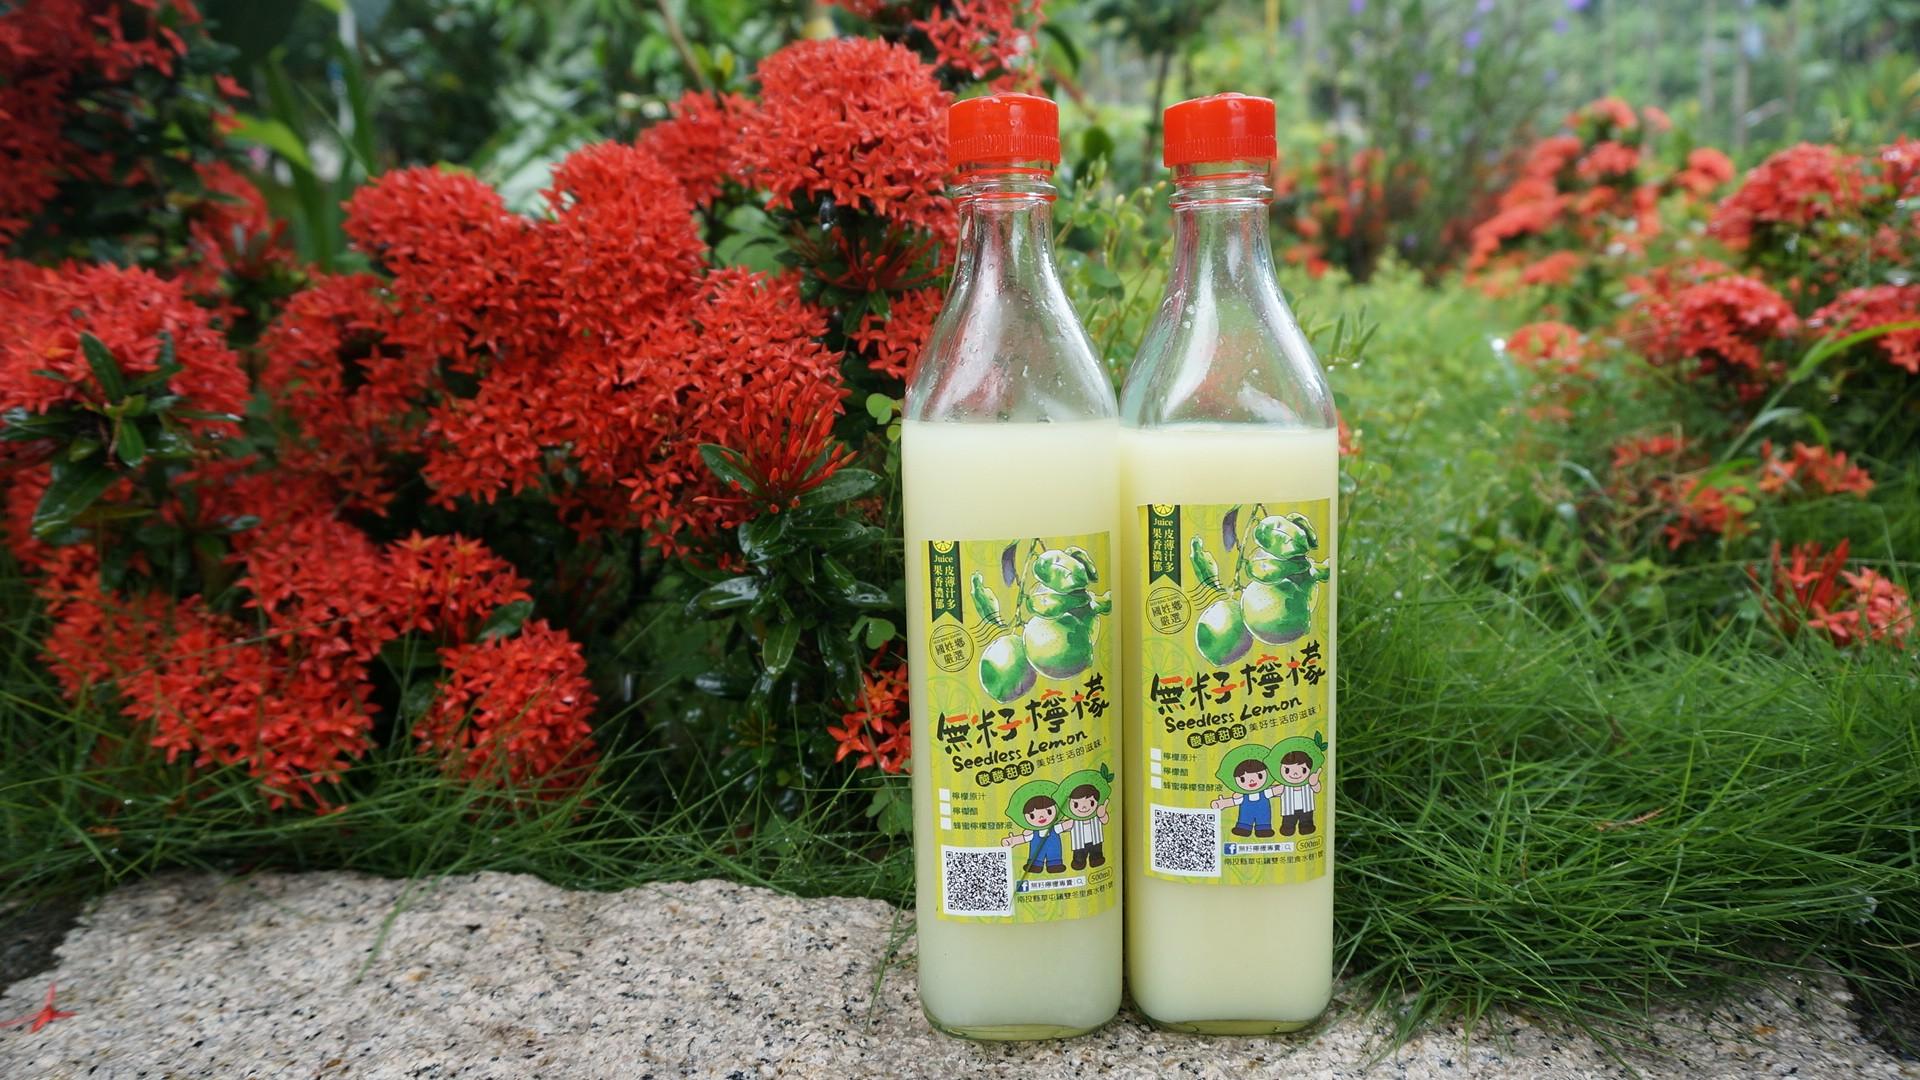 8月特價無毒檸檬原汁 | 鮮檸檬汁 | 檸檬汁 | 檸檬水 | TLS全新生活 (3瓶裝)500cc&【結帳】輸入折扣碼「IU205AQRTSRP」,在打【85】折